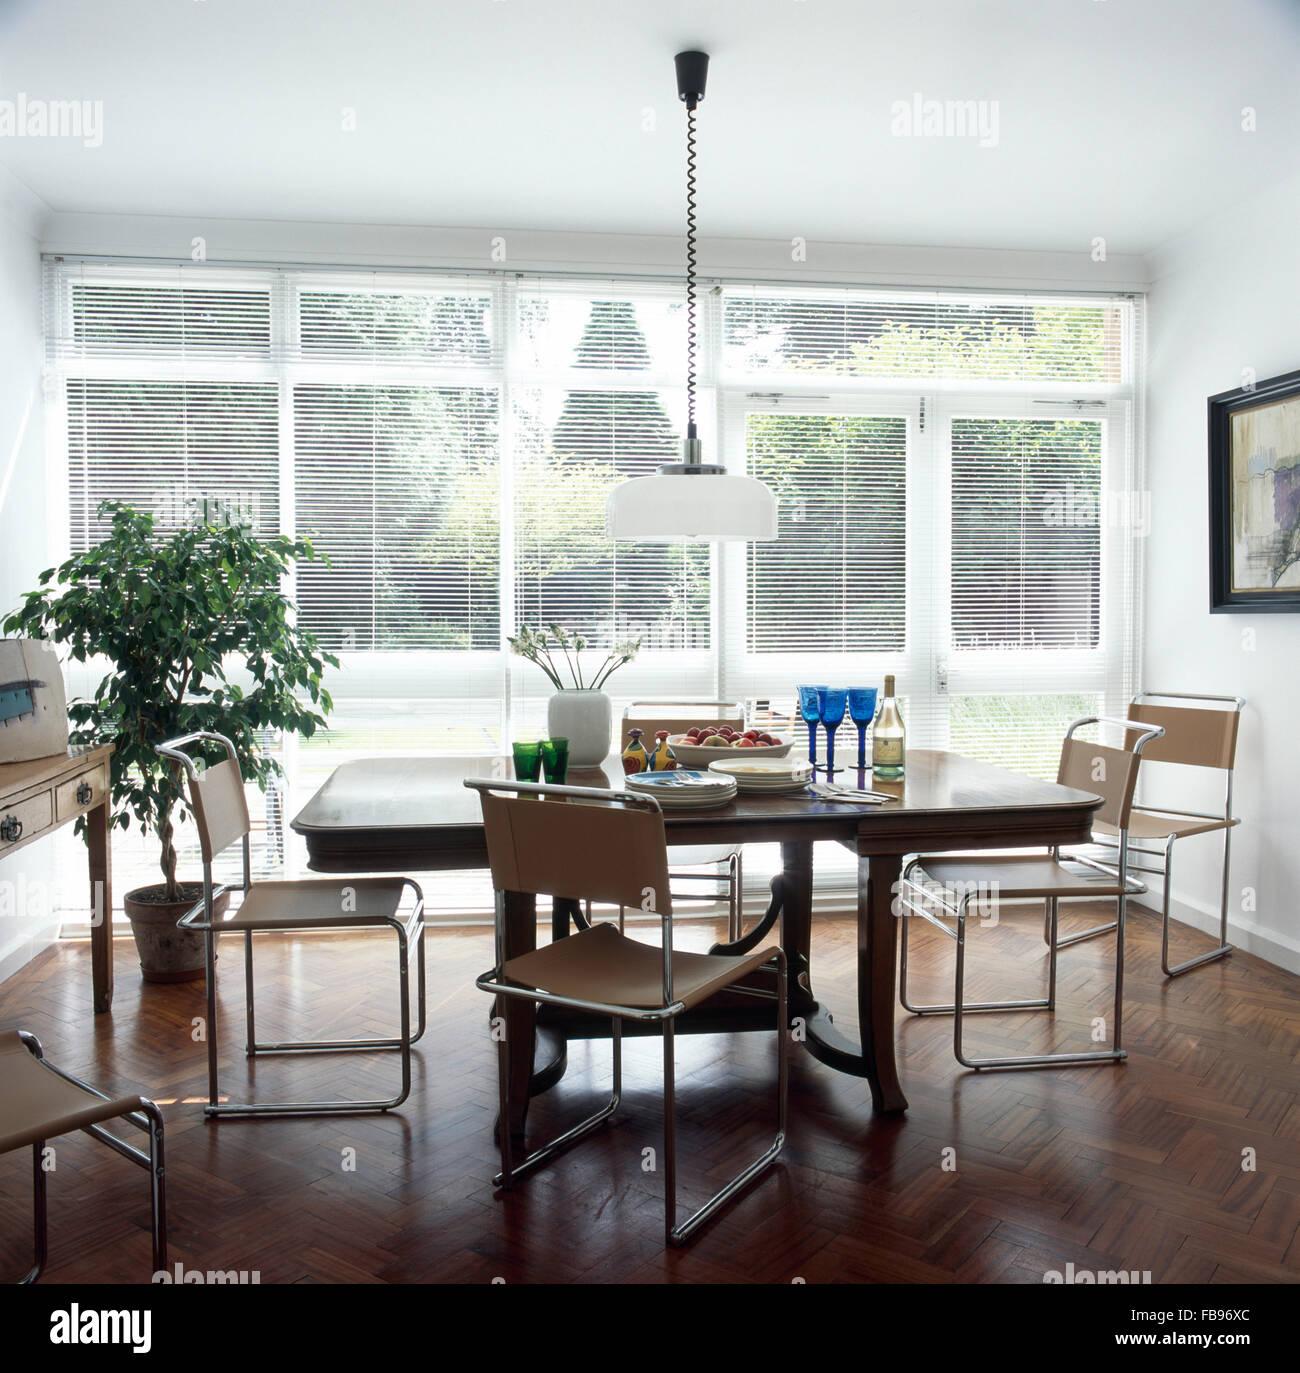 Chrom + Leinwand freitragende Stühle Stühle an einen einfachen ...